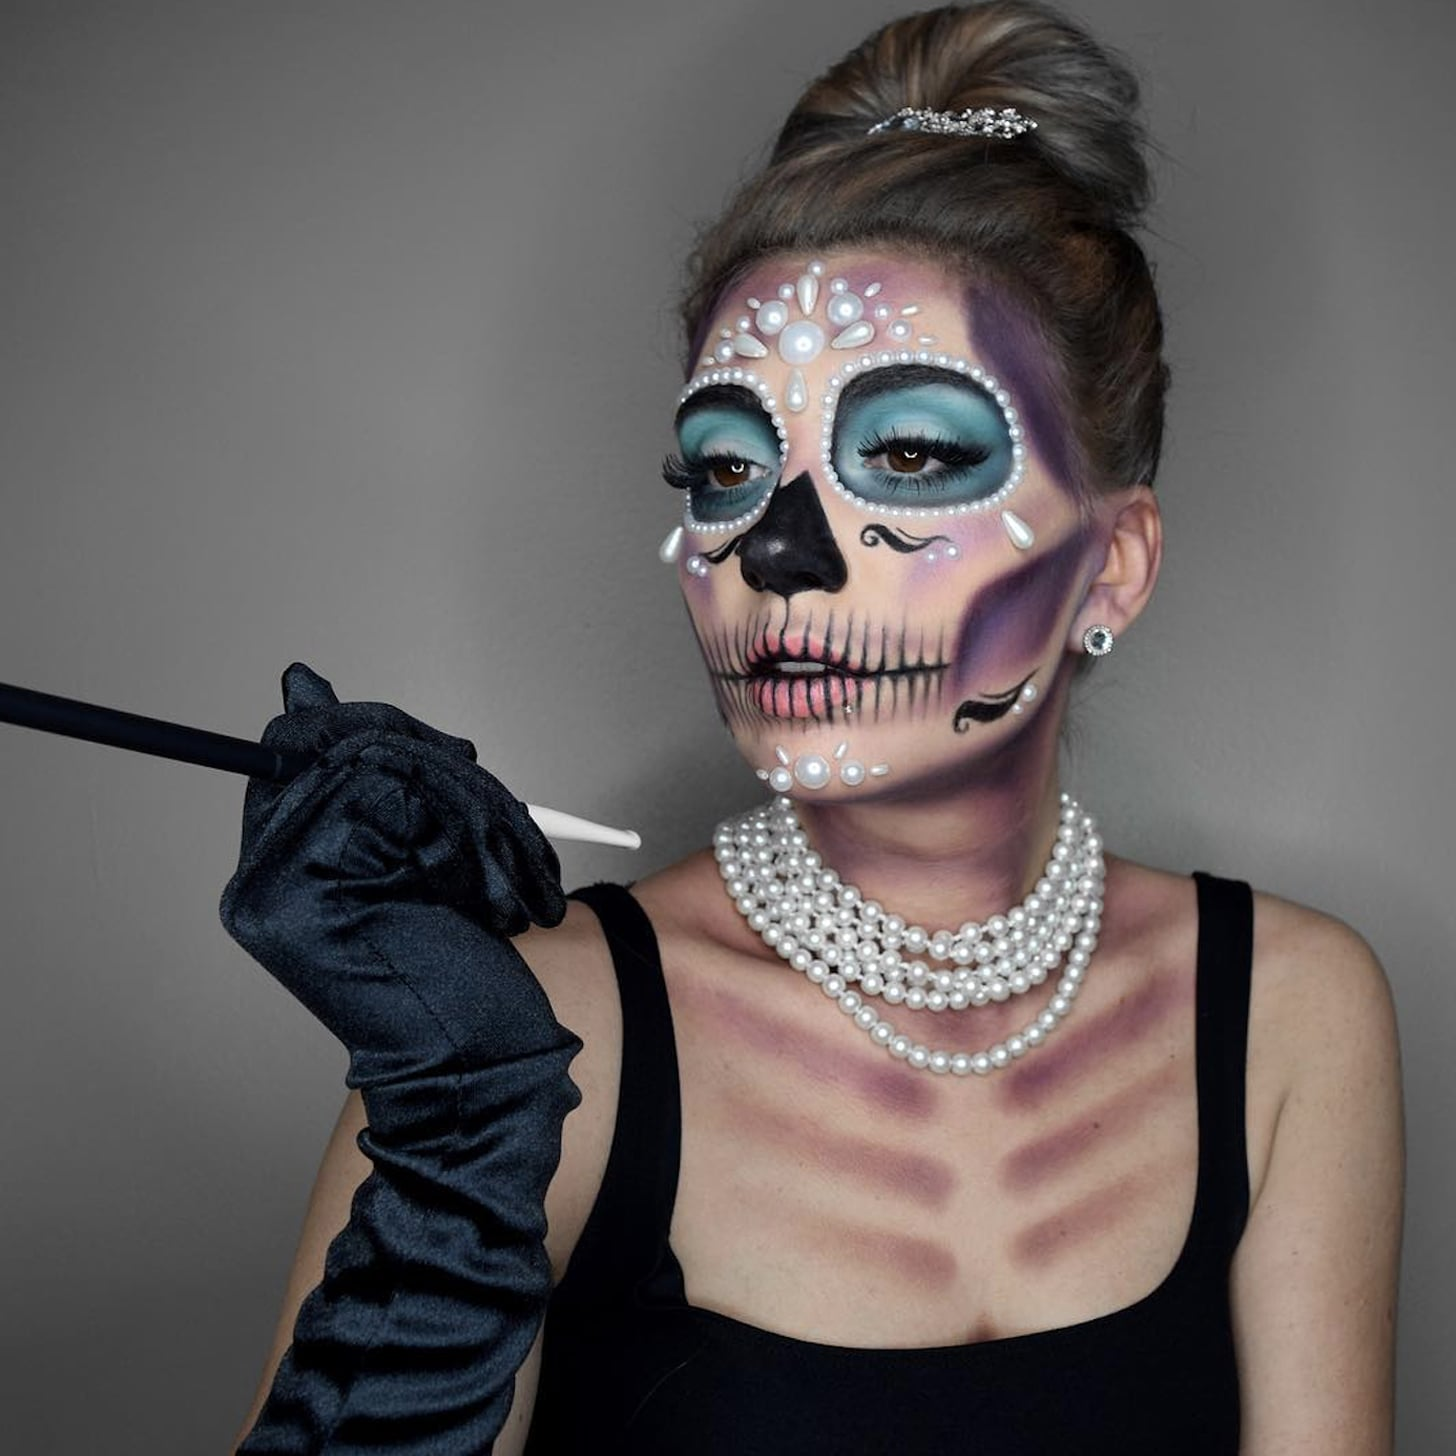 Halloween Parties Minneapolis 2020 Best Cheap Homemade Halloween Costumes | 2020 | POPSUGAR Smart Living